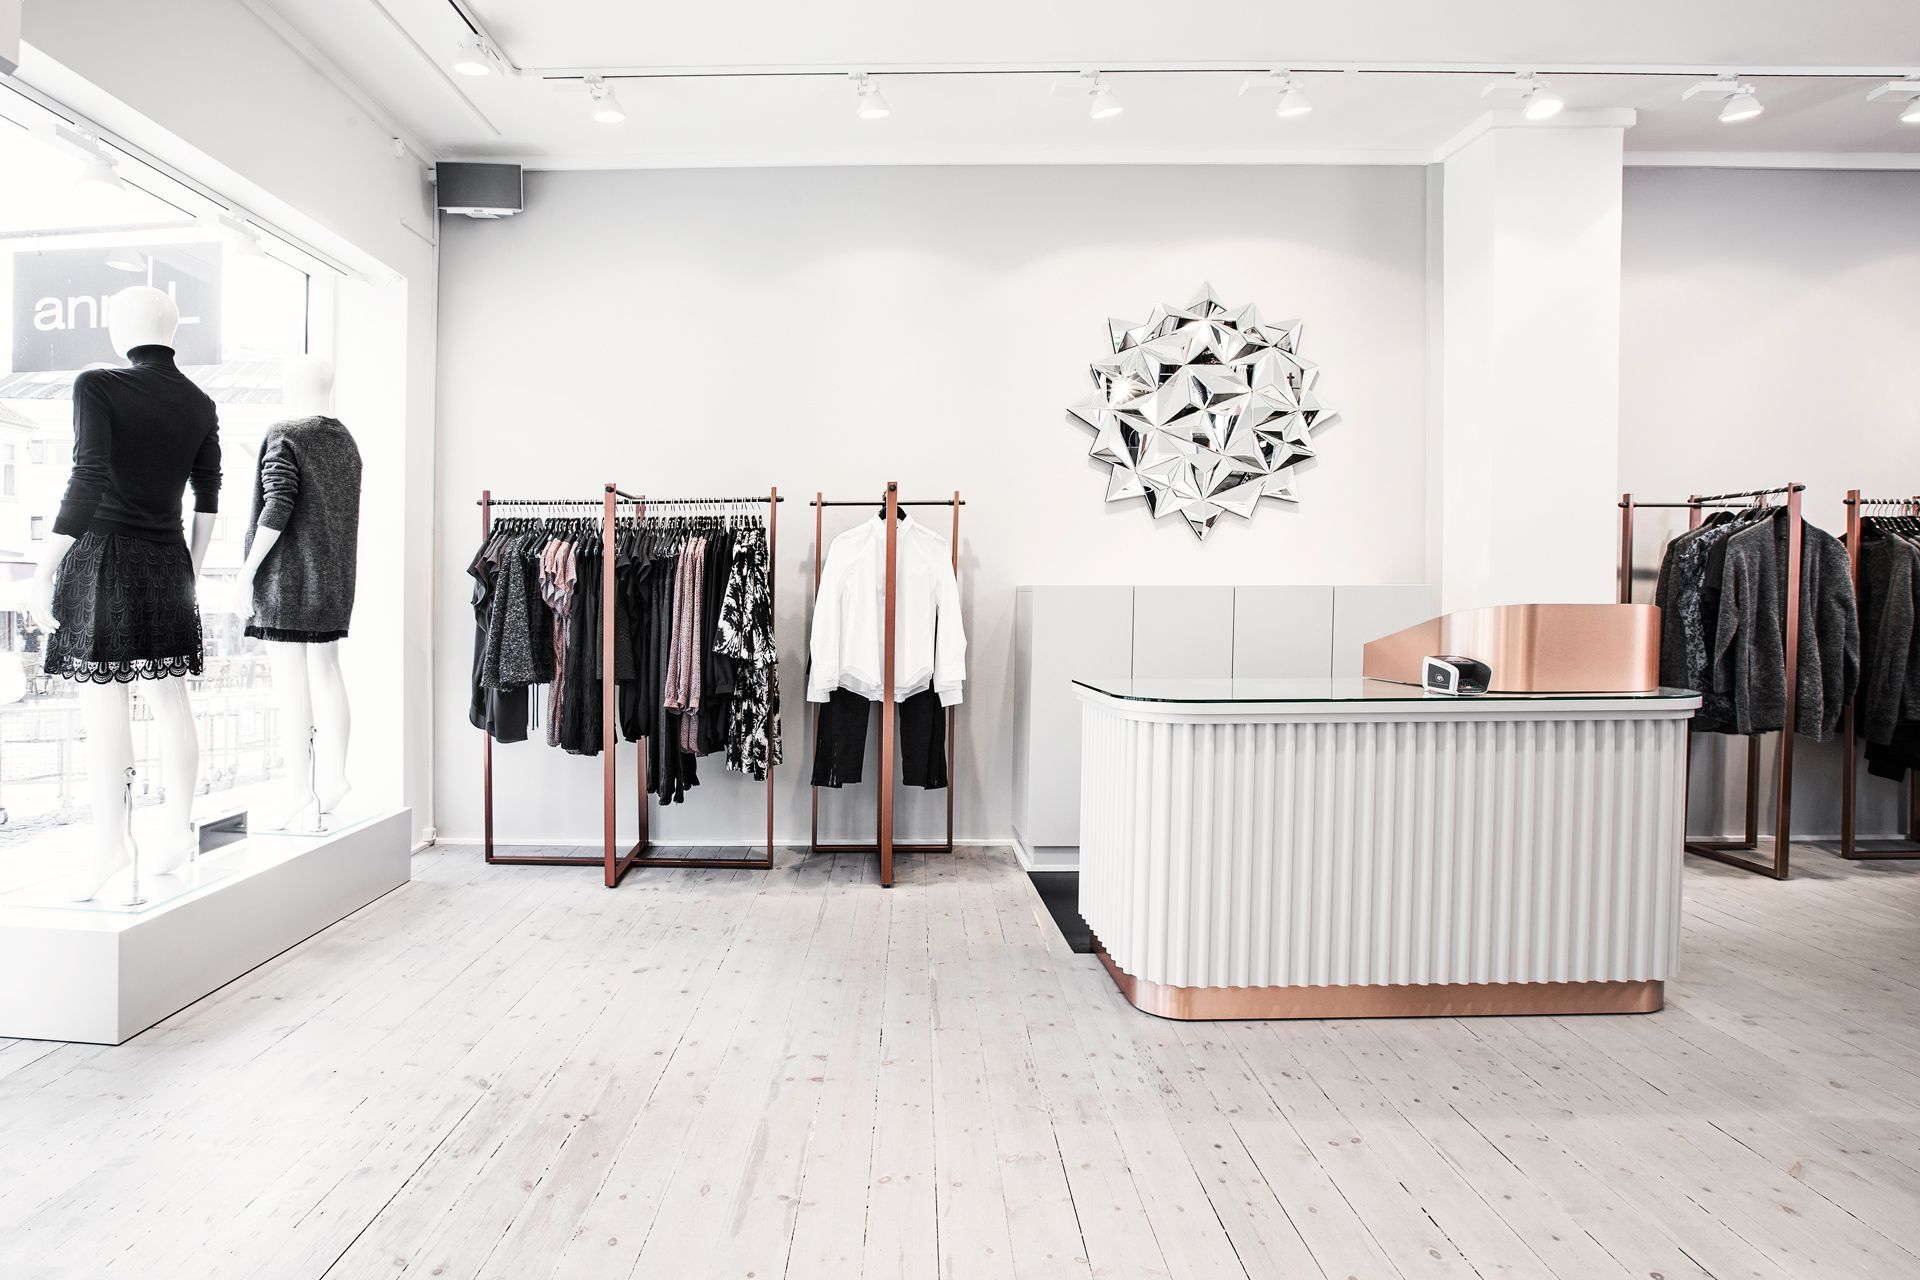 Shop Ann-L in Holbæk, Denmark. Weiße Elemente dominieren die Inneneinrichtung und persönlicher Raum erlauben dem Kunden durchzuatmen und erhöhen somit das positive Einkaufserlebnis.